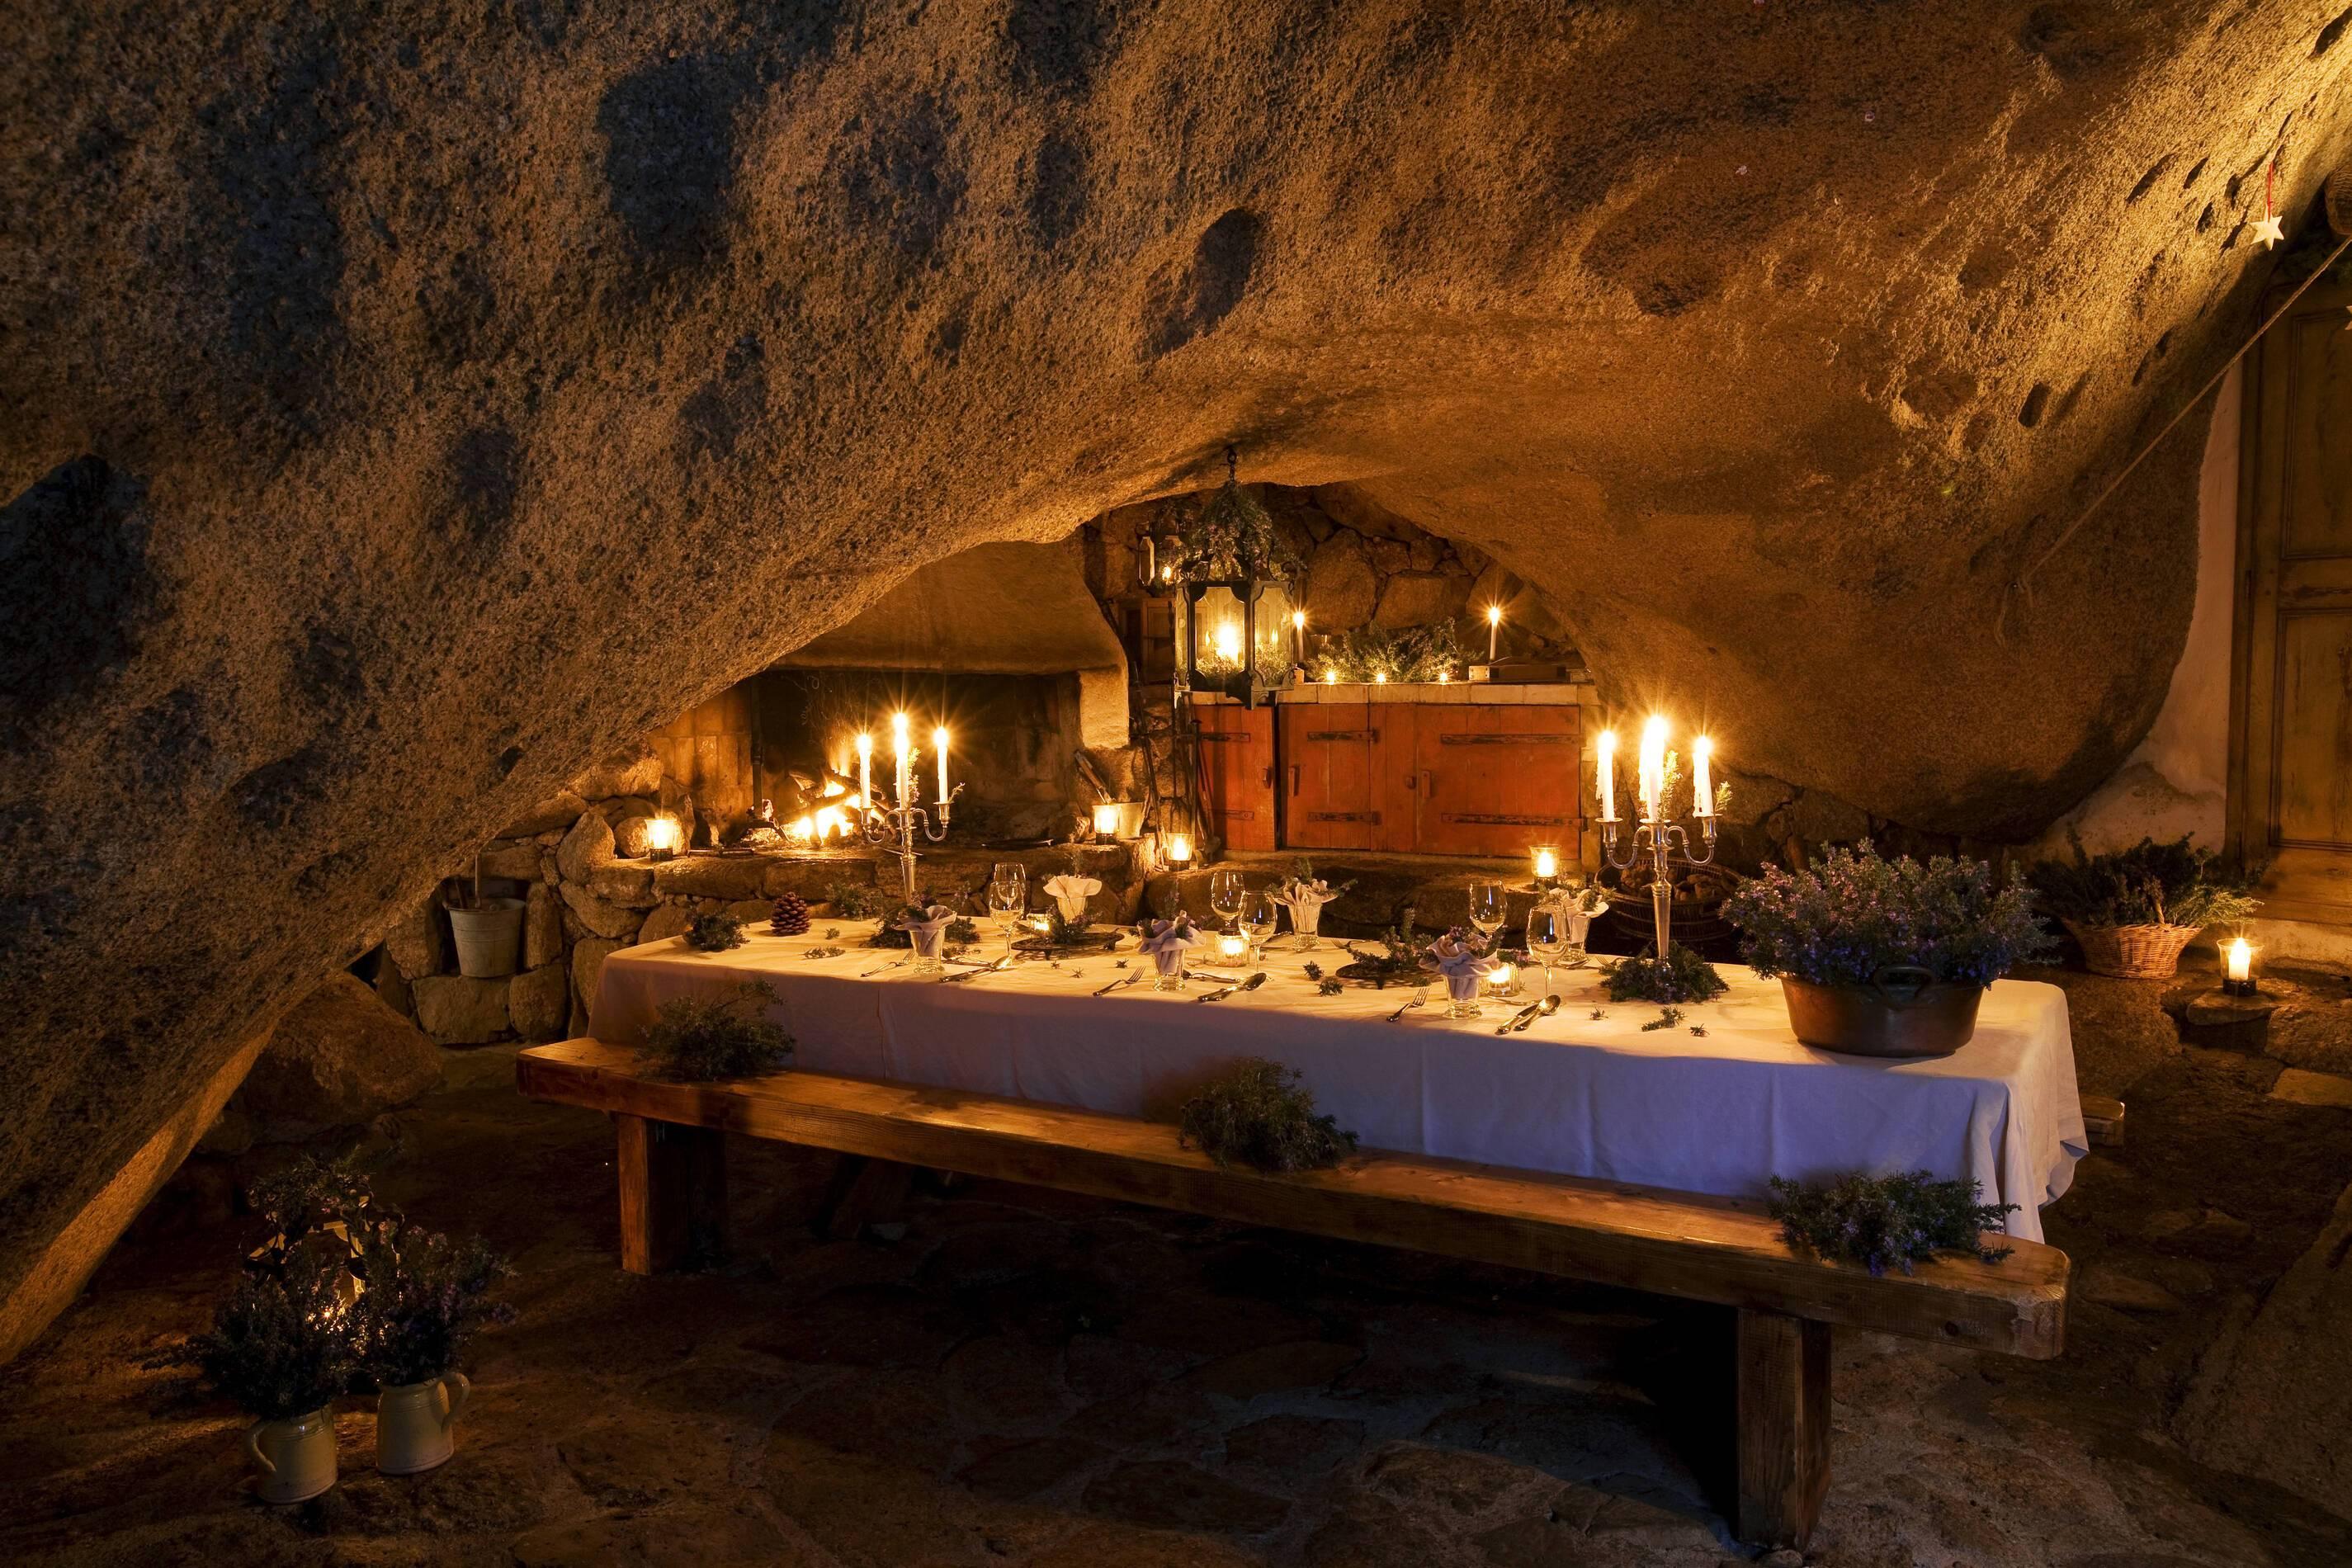 Domaine De Murtoli Restaurant Grotto Corse Camille Moirenc